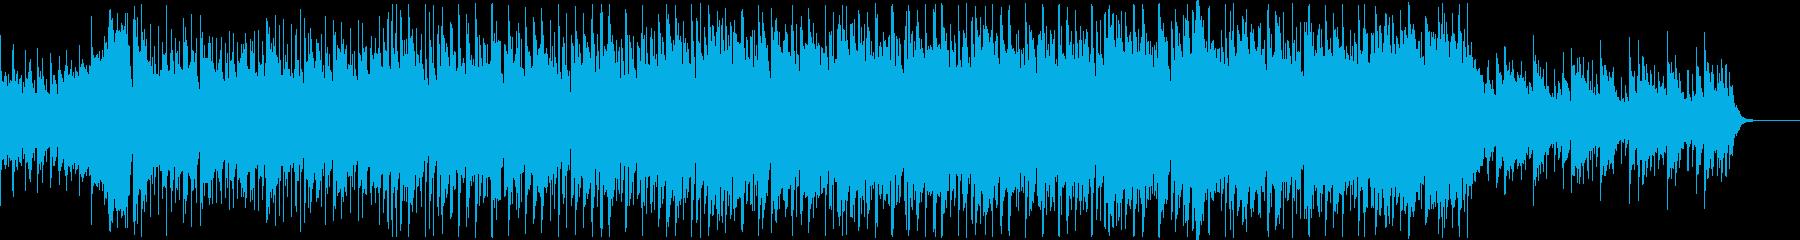 爽やか透明感ピアノフルートコーポレートBの再生済みの波形